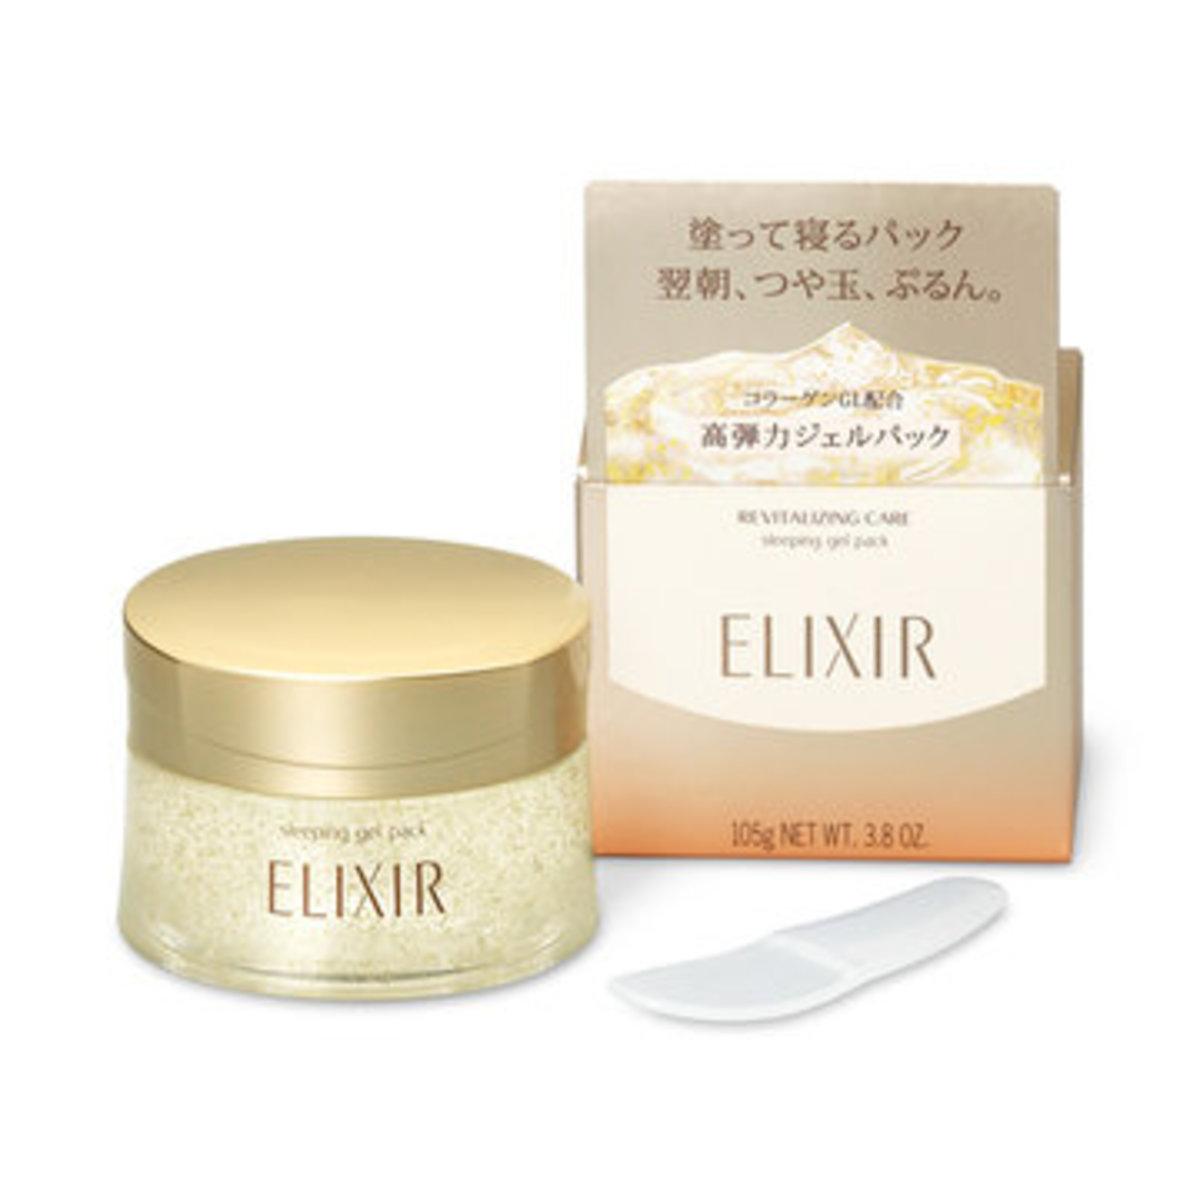 Shiseido Elixir Superieur Sleeping Gel Pack  105g Japan(Parallel Import)